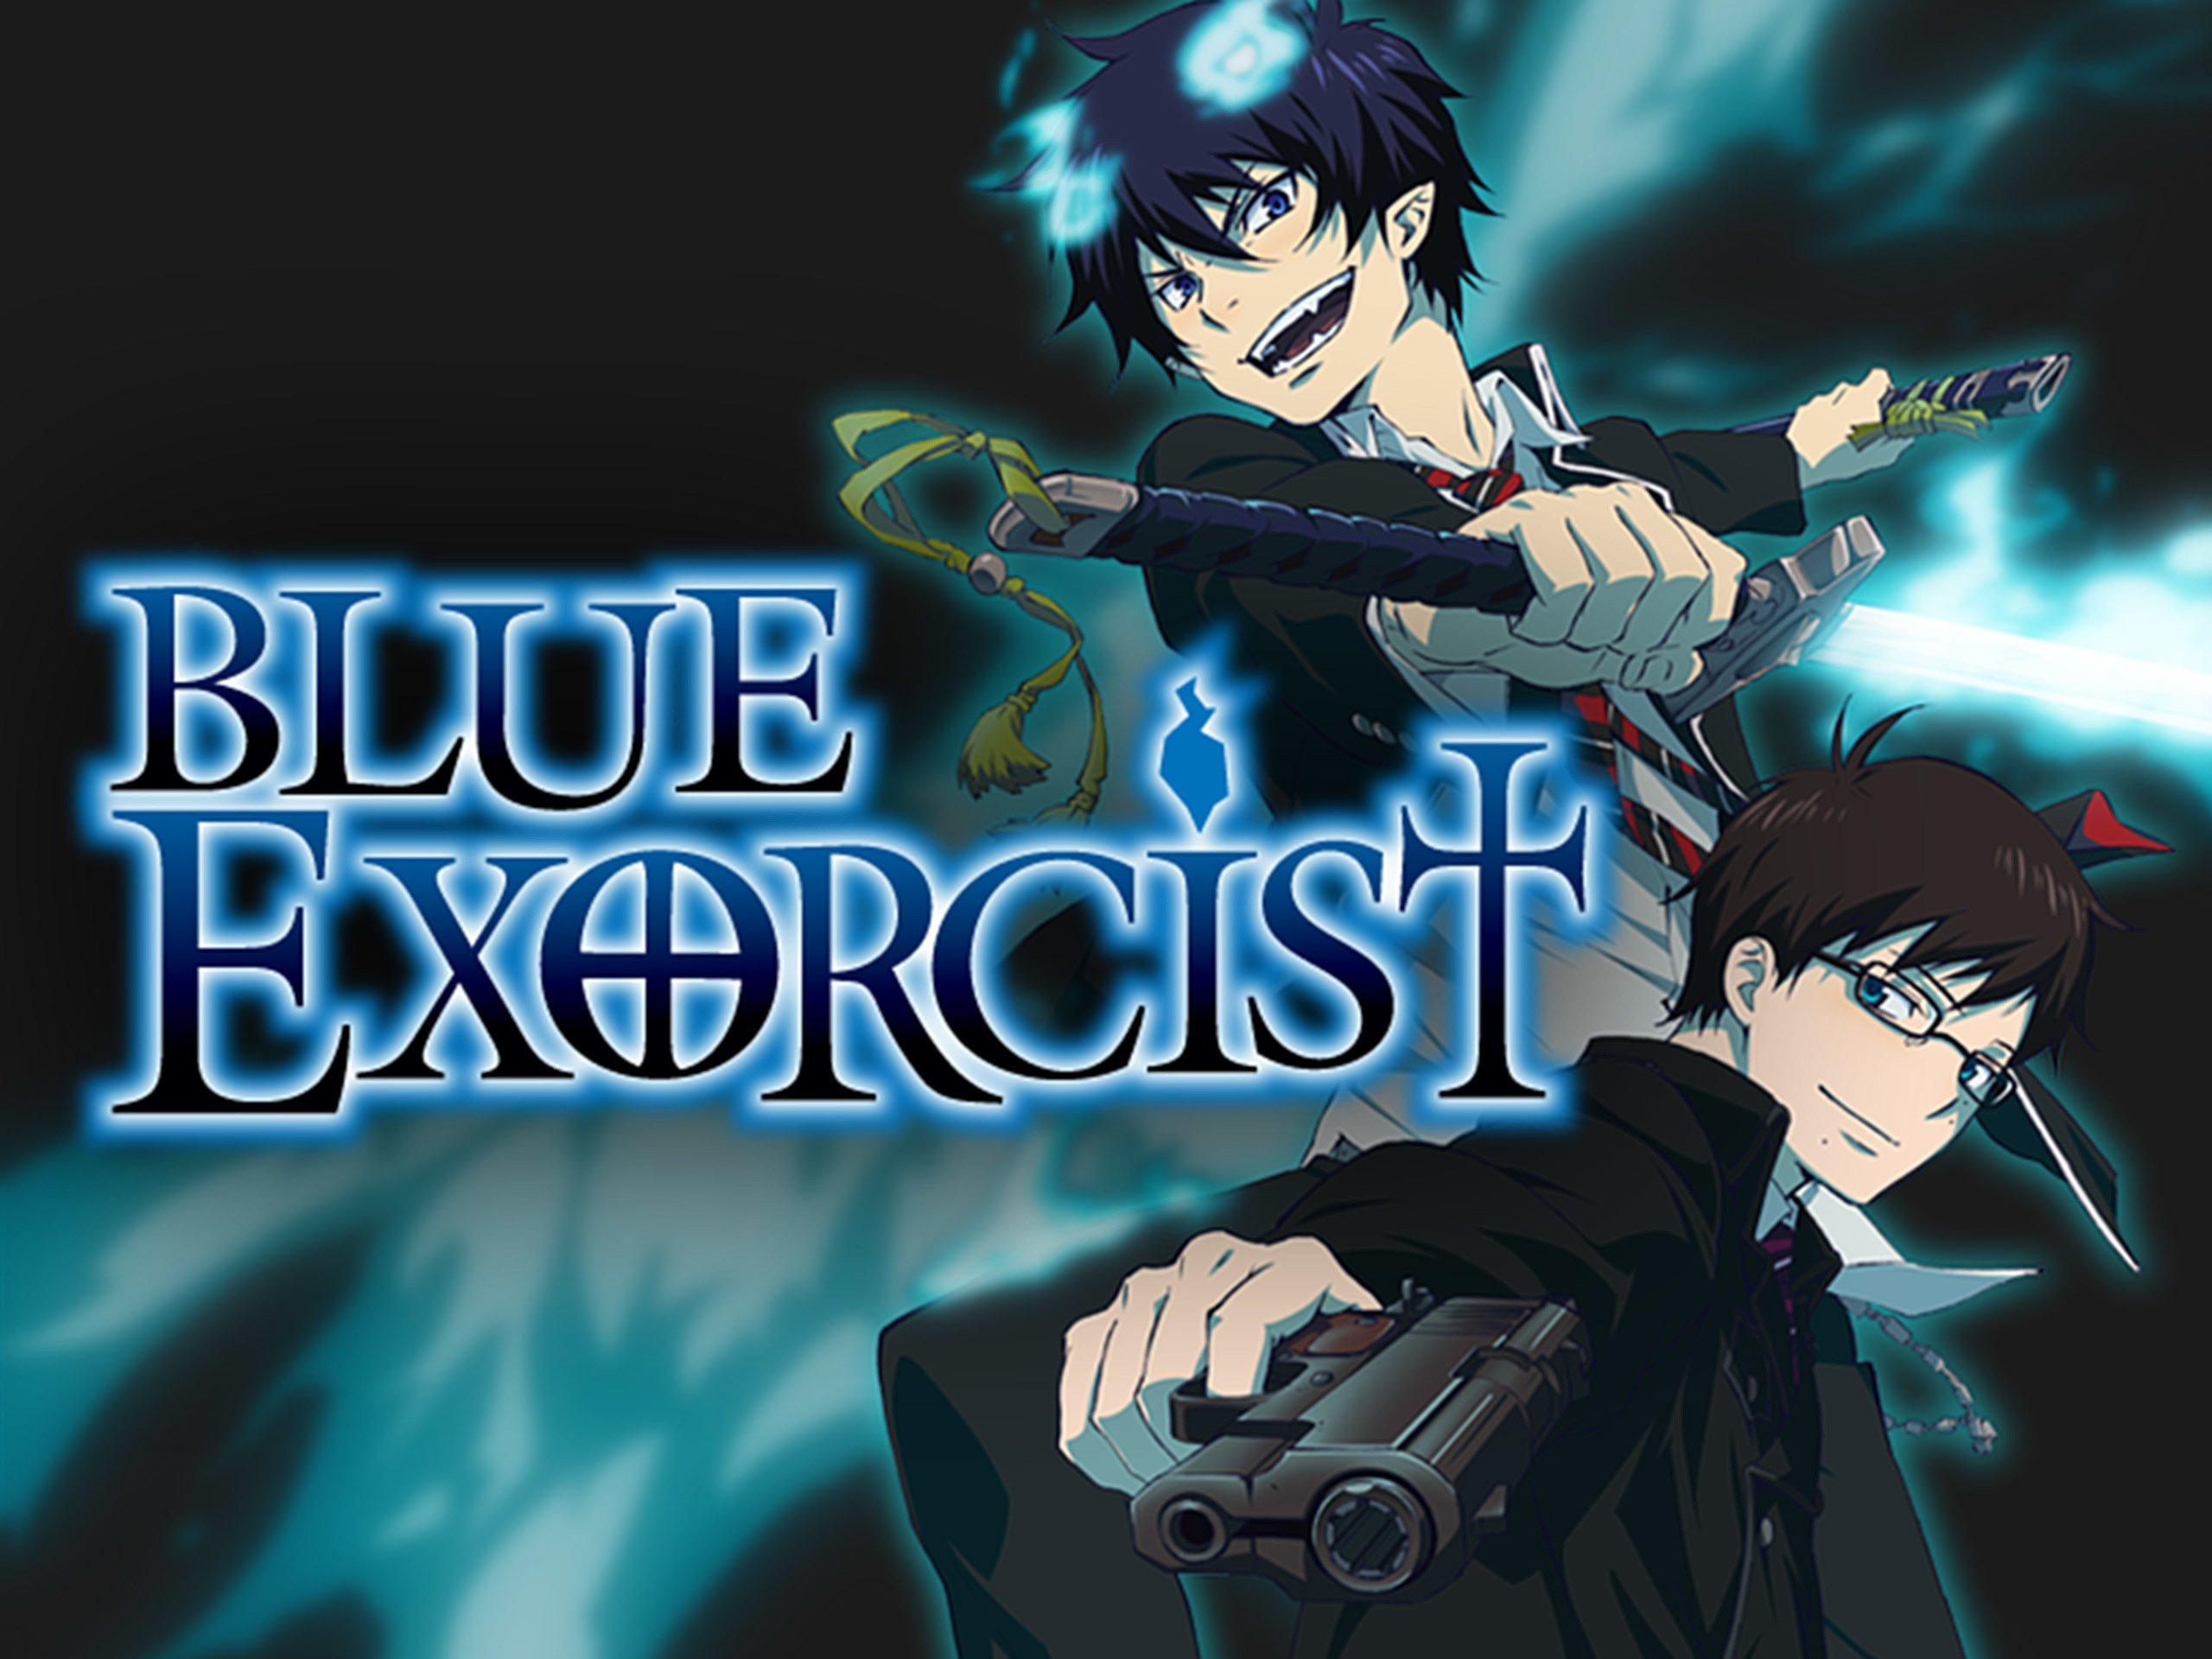 Blue Exorcist Ger Dub Stream